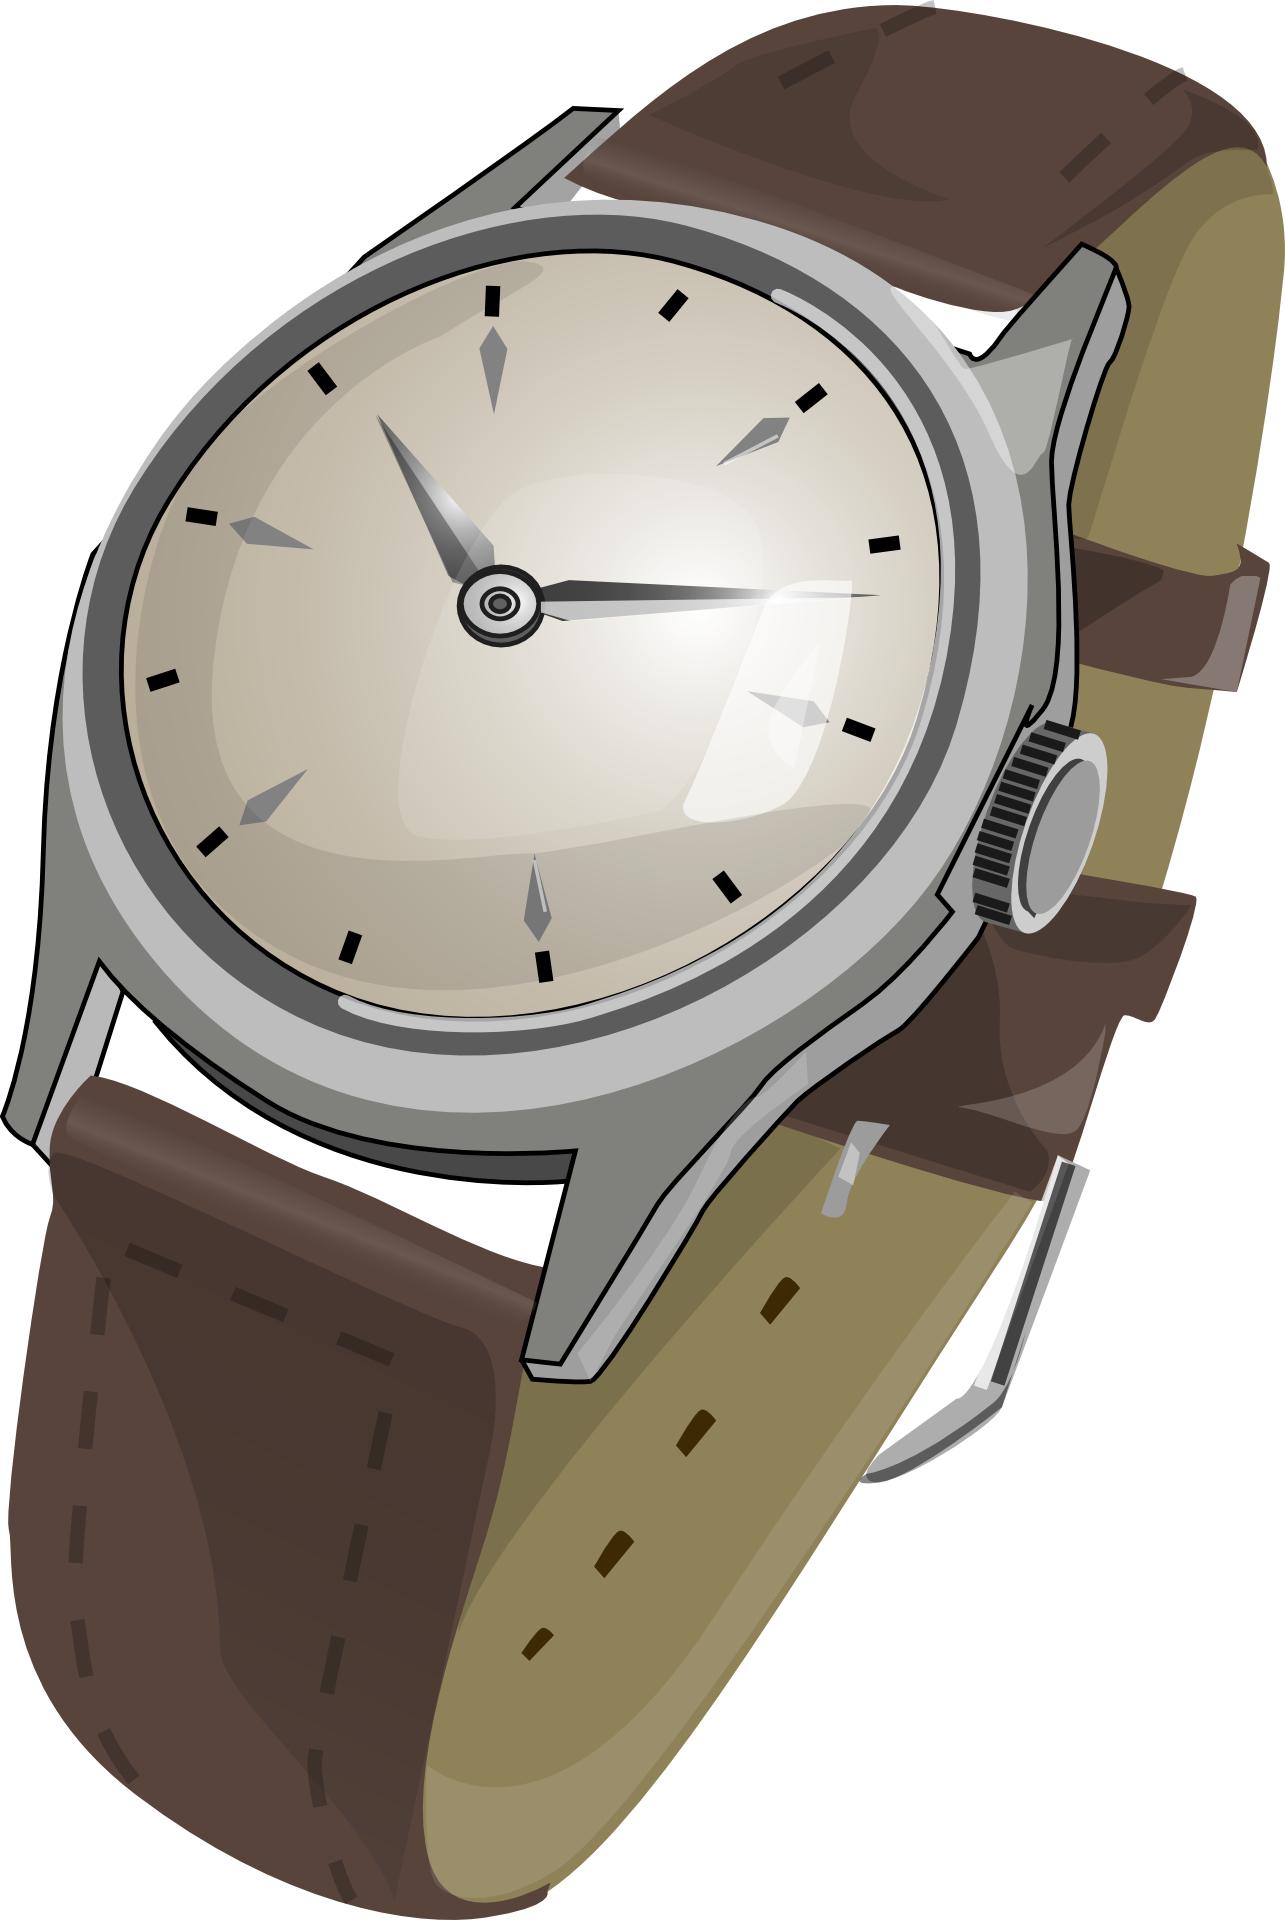 Brwon wristwatch,clock vector